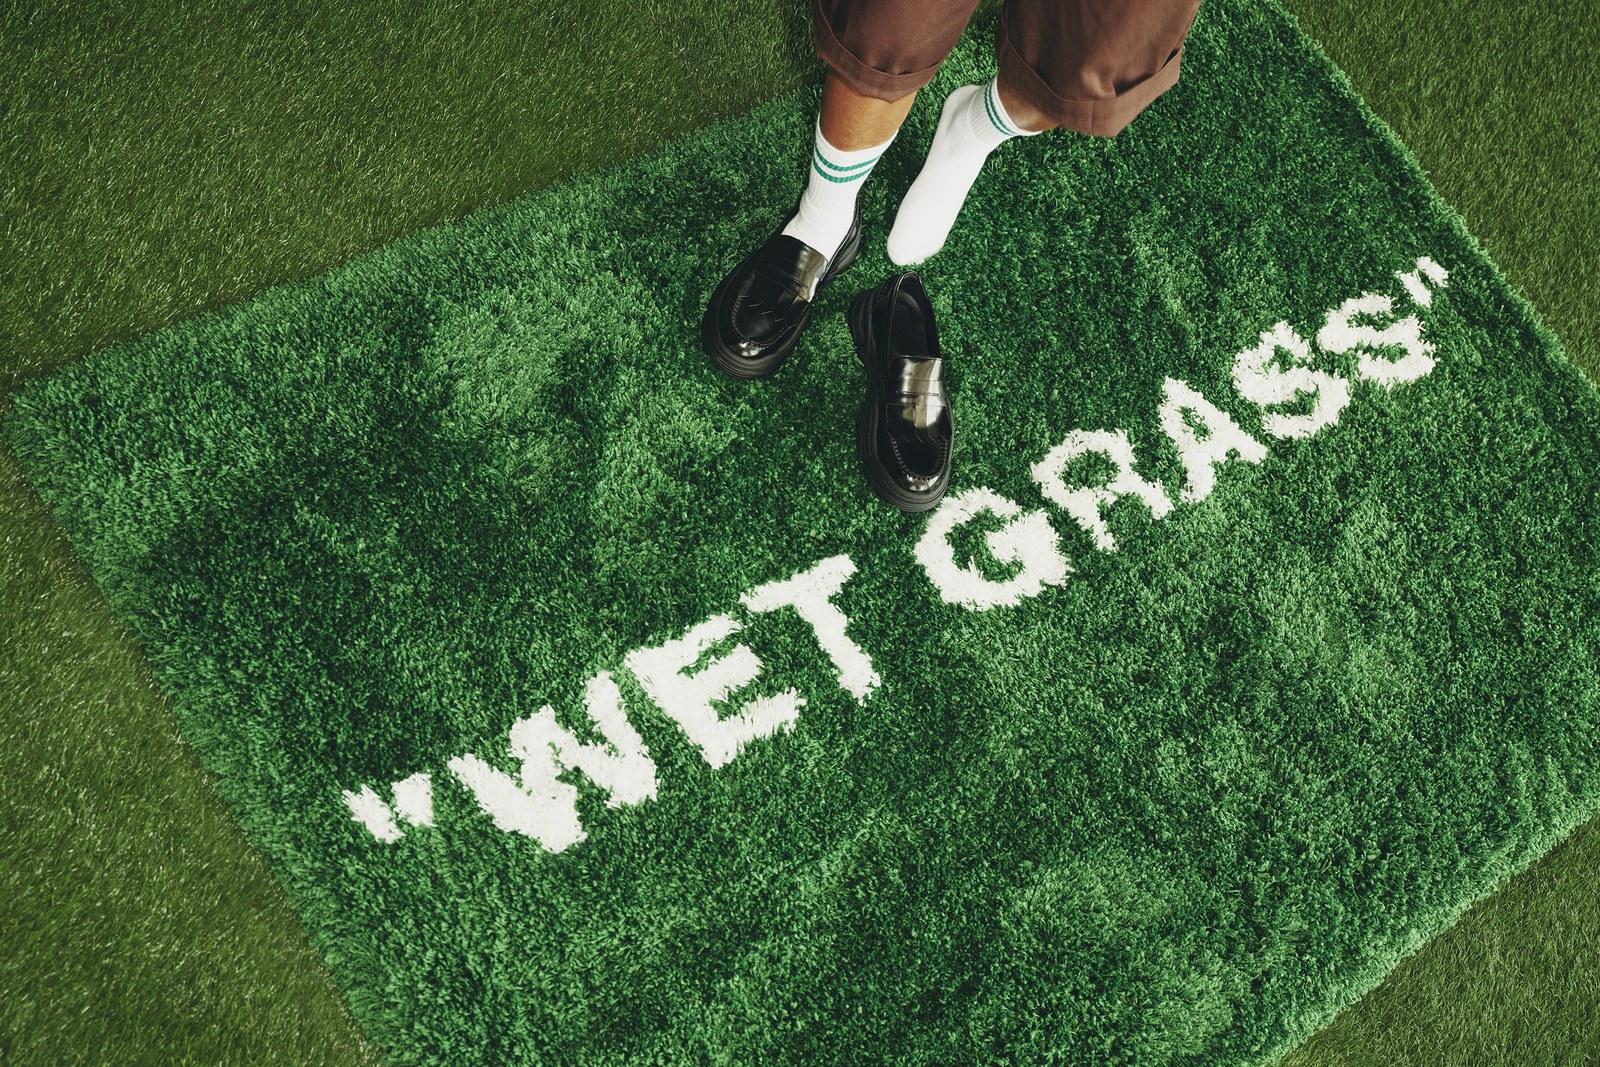 virgil wet grass ikea